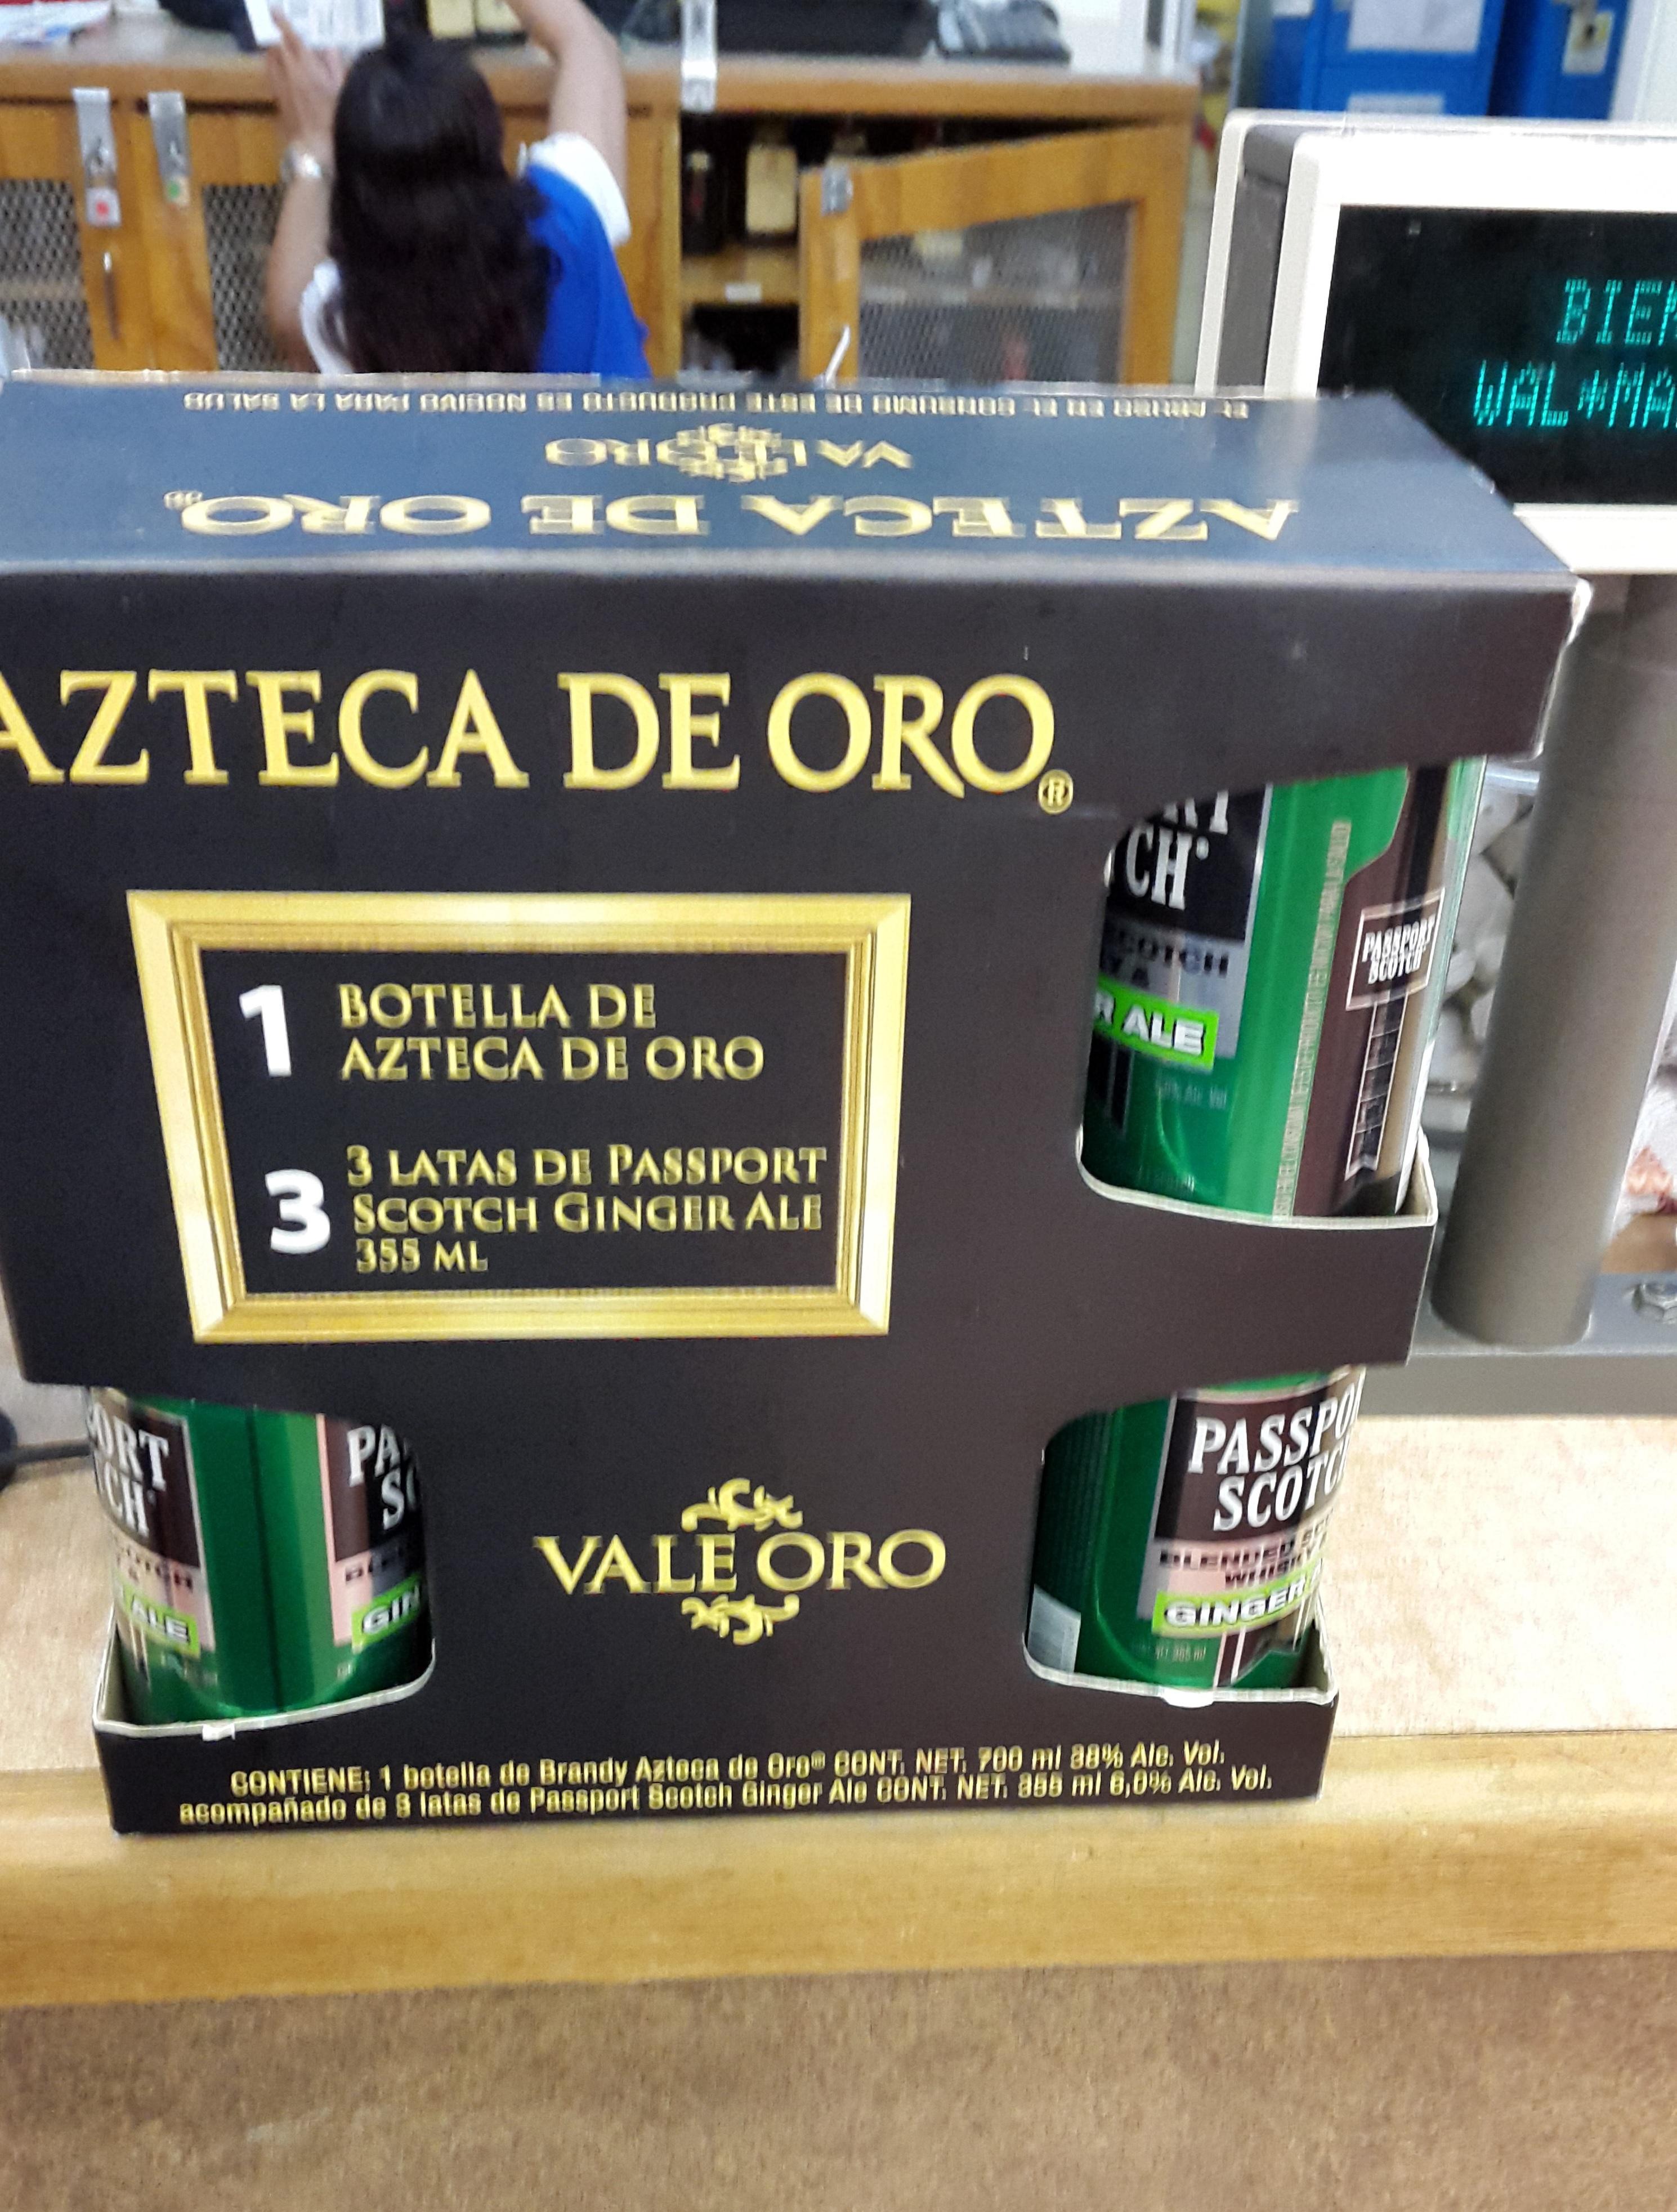 Walmart: Azteca de Oro 700ml + 3 latas de passport ginger $80